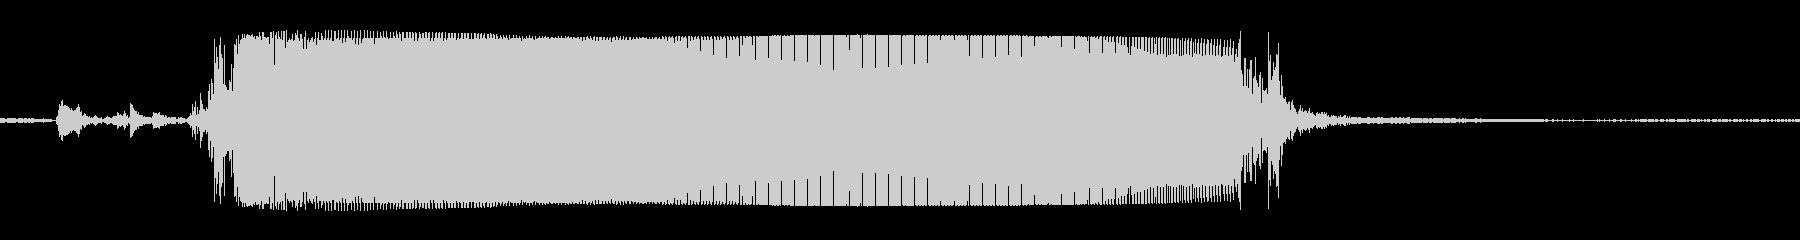 ギターメタルパワーコードzhの未再生の波形